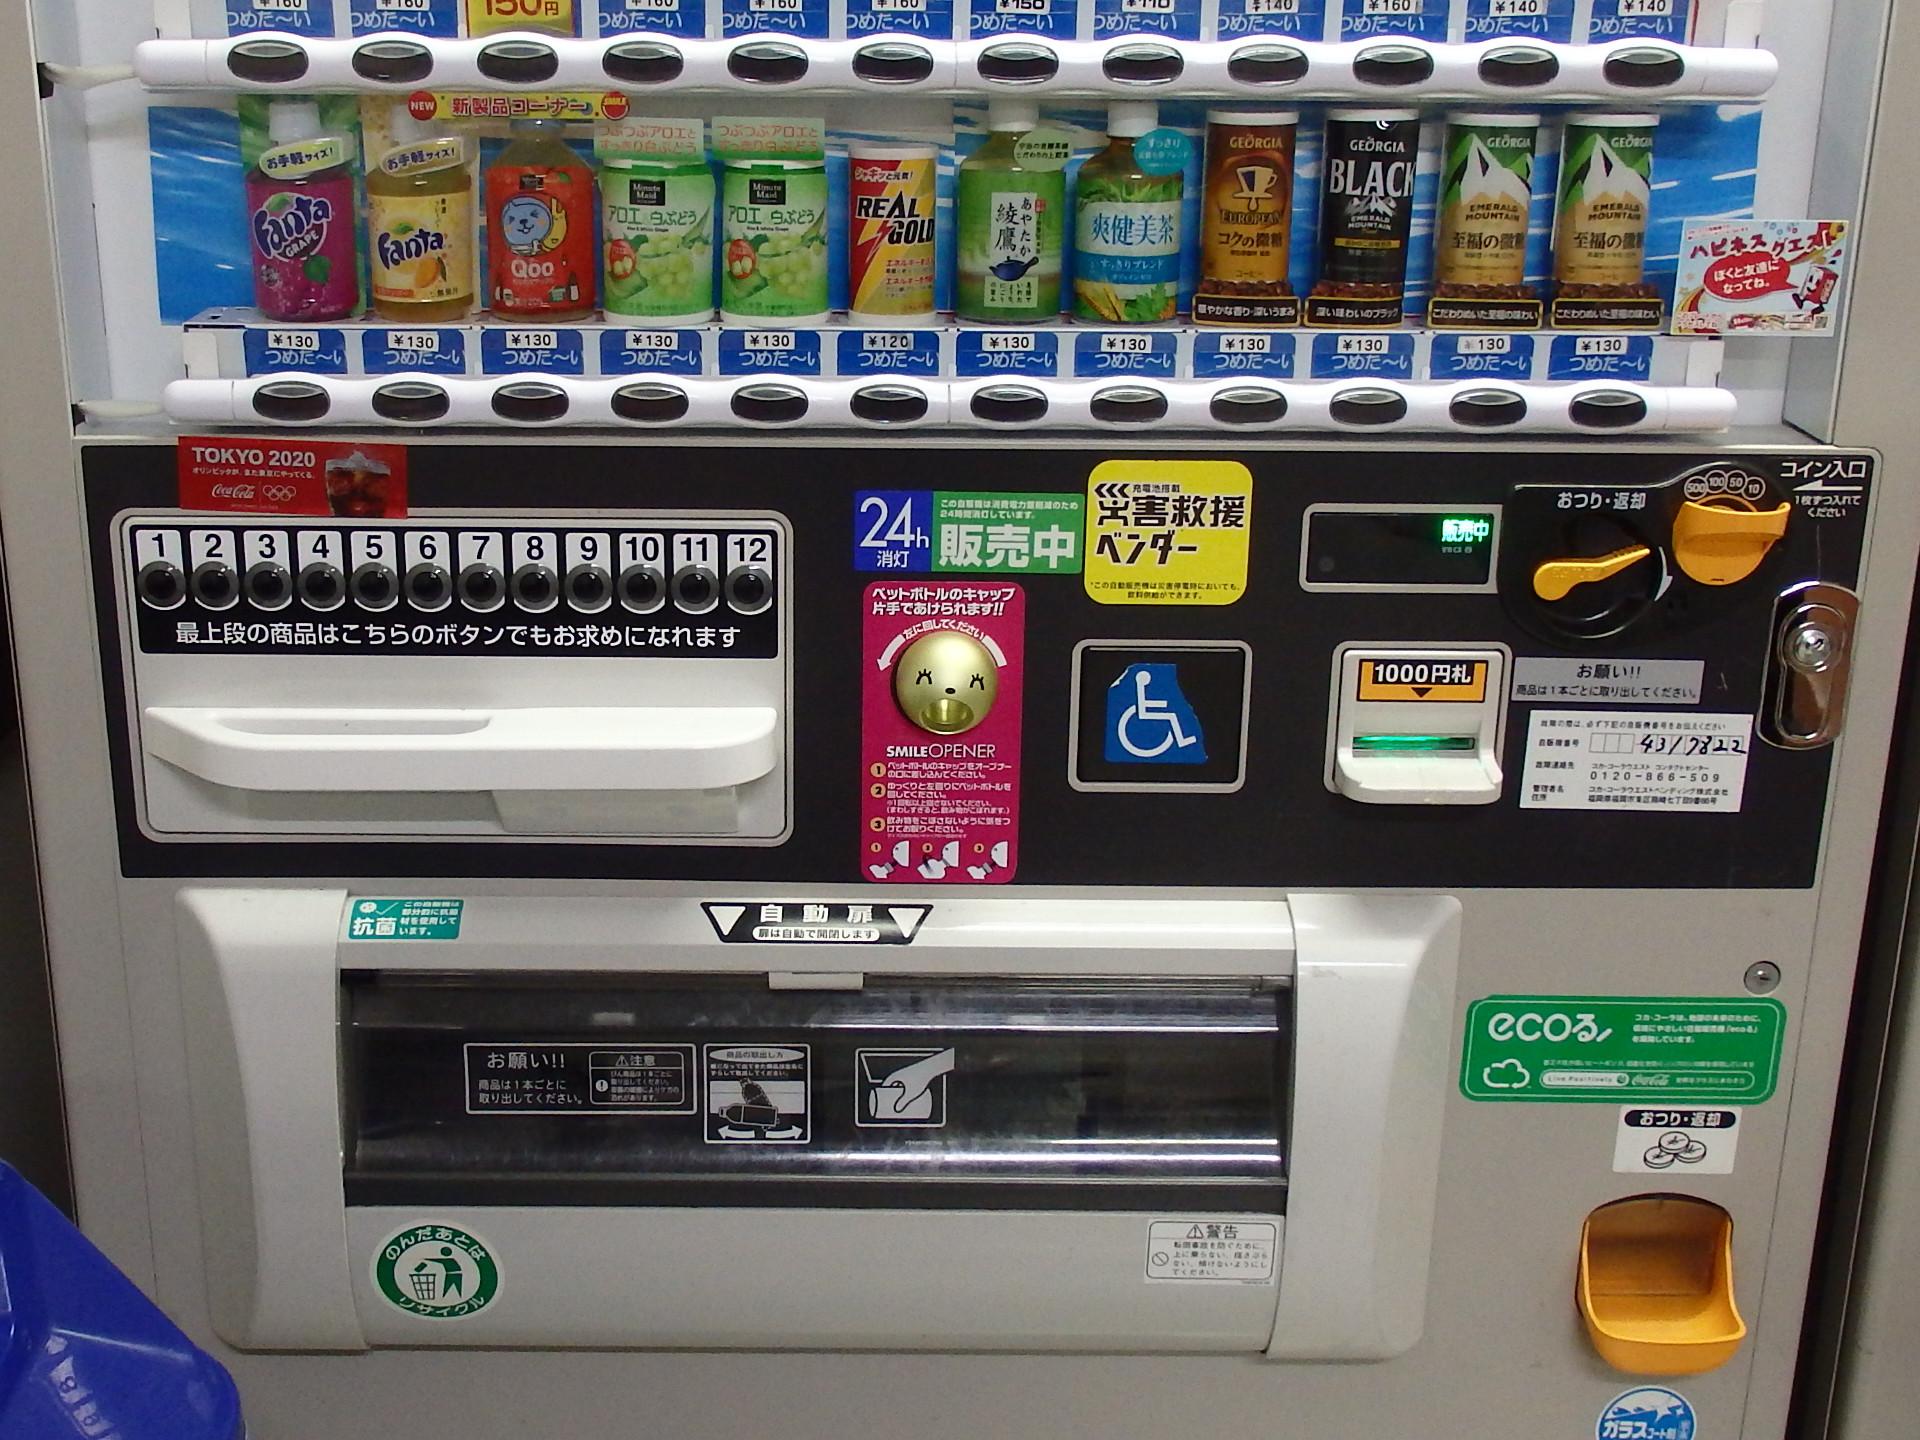 ペットボトルキャップオープナー付自販機です。